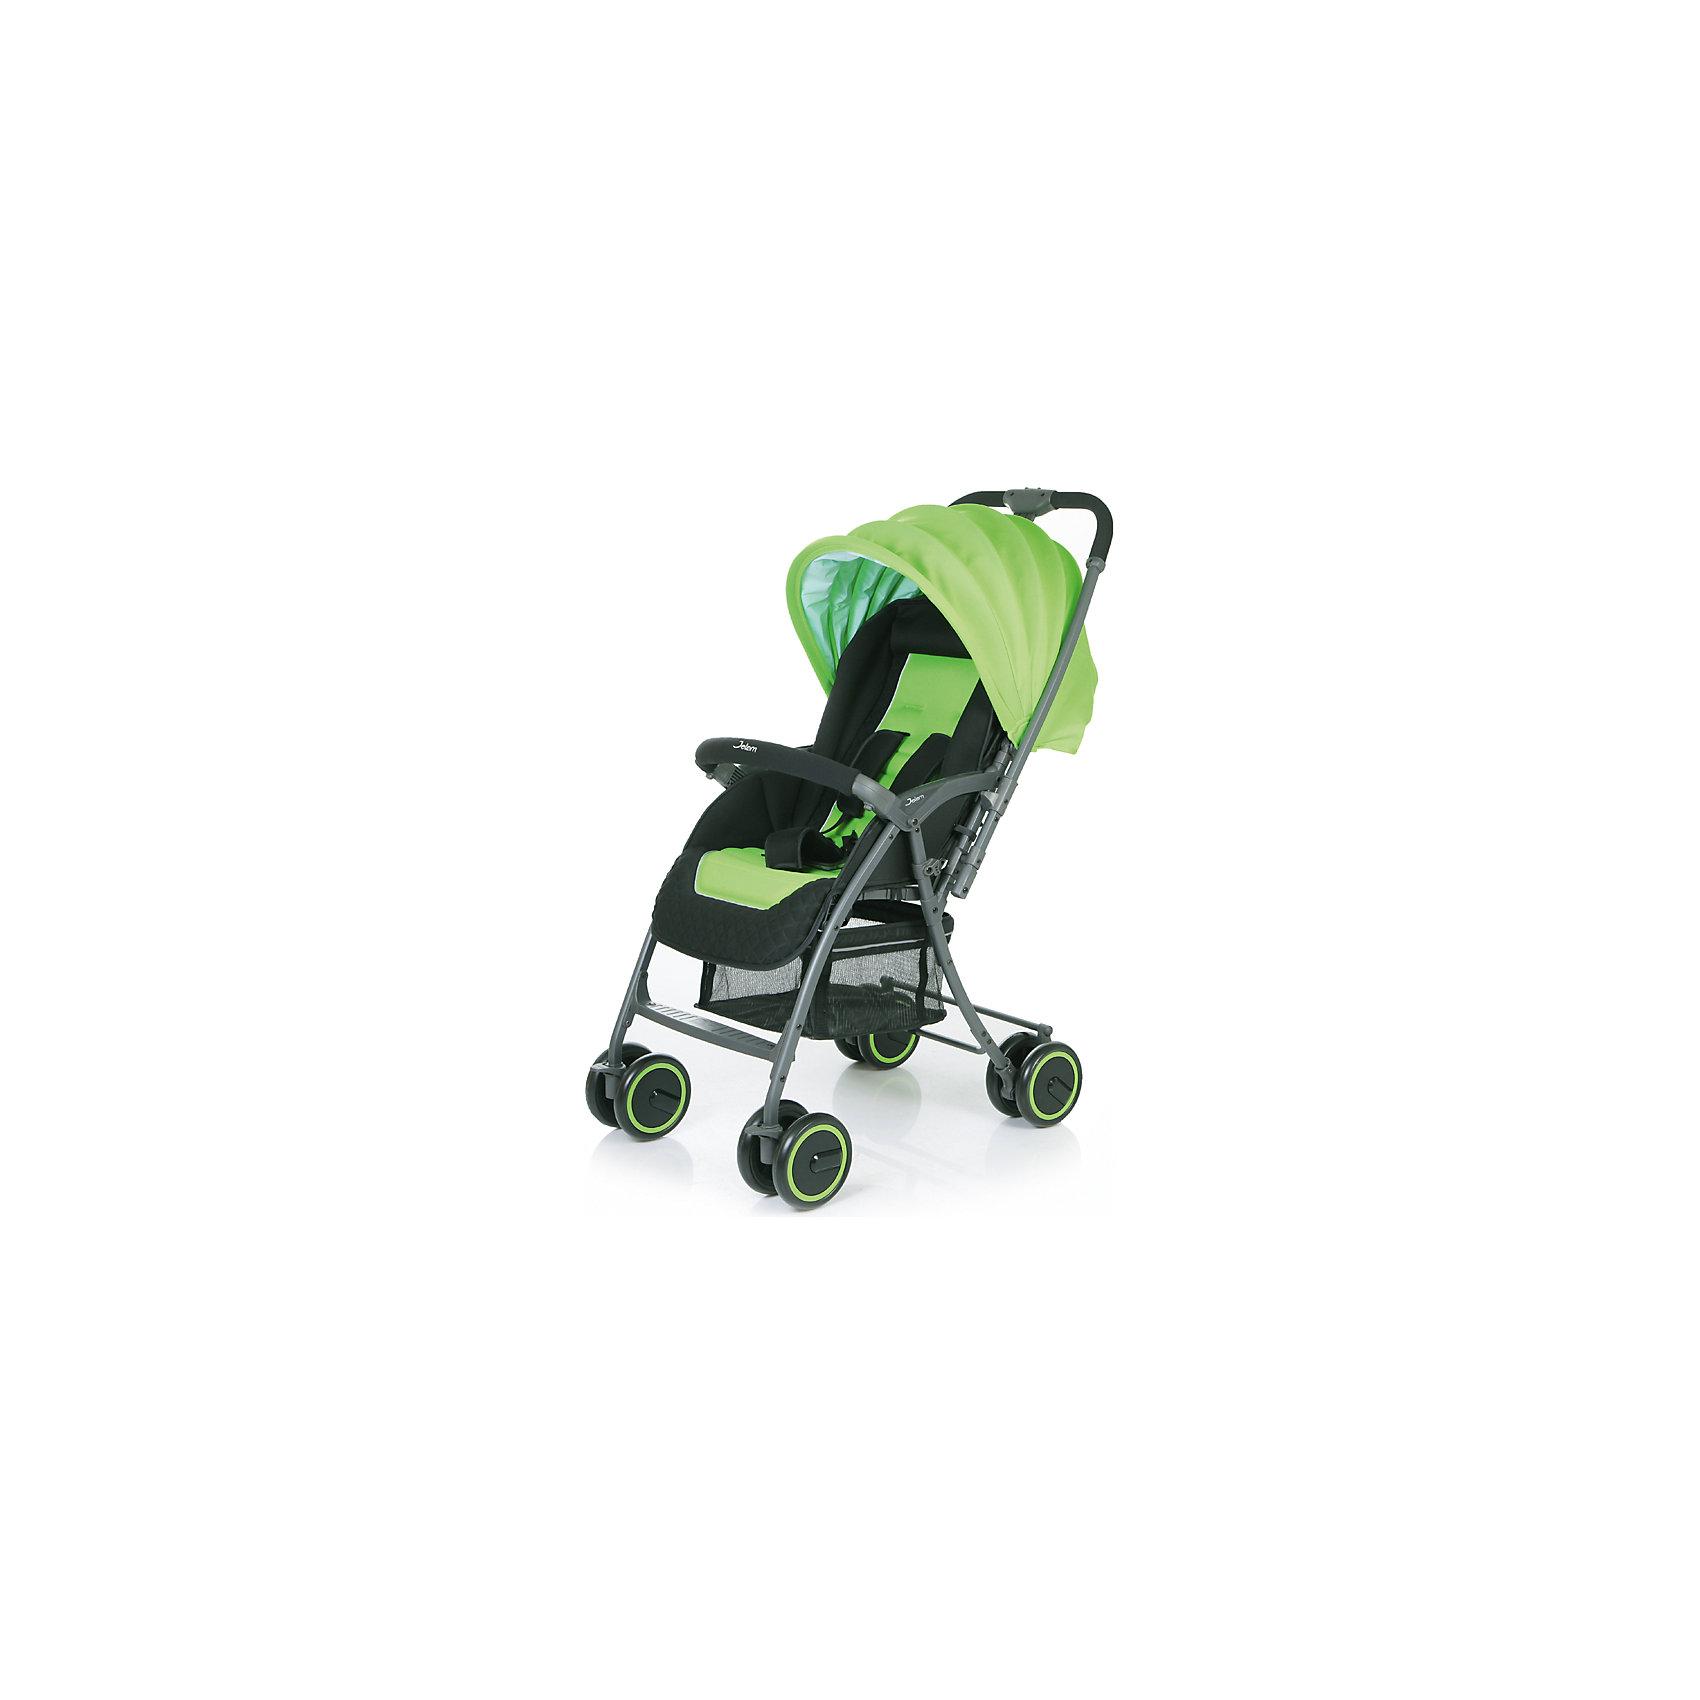 Прогулочная коляска Uno Grande, Jetem, зеленыйОсобенности:<br>- легкая алюминиевая рама;<br>- регулируемая подножка; <br>- перекидная ручка;<br>- плавающие передние колеса с фиксацией;<br>- 5-ти точеные ремни безопасности;<br>- съемный бампер с мягкой обивкой;<br>- регулируемая с помощью ремней спинка;<br>- ножная тормозная система.<br>Коляска складывается в «книжку» одной рукой, устойчива в сложенном состоянии.<br>В комплект входит чехол на ножки.<br>Характеристики:<br>- диаметр колес: передние – 15.3 см, задние — 15.3 см.;<br>-  тип колес: двойные;<br>- механизм складывания: книжка;<br>- вес: 6.25 кг (с чехлом); <br>- ширина сиденья: 38 см.; <br>- размер корзины: 37х32х19 см;<br>- размер в разложенном виде: 89х50х105 см.;<br>- размер в сложенном виде: 38х50х100 см.<br><br>Ширина мм: 770<br>Глубина мм: 510<br>Высота мм: 240<br>Вес г: 7750<br>Цвет: зеленый<br>Возраст от месяцев: 6<br>Возраст до месяцев: 36<br>Пол: Унисекс<br>Возраст: Детский<br>SKU: 4609942